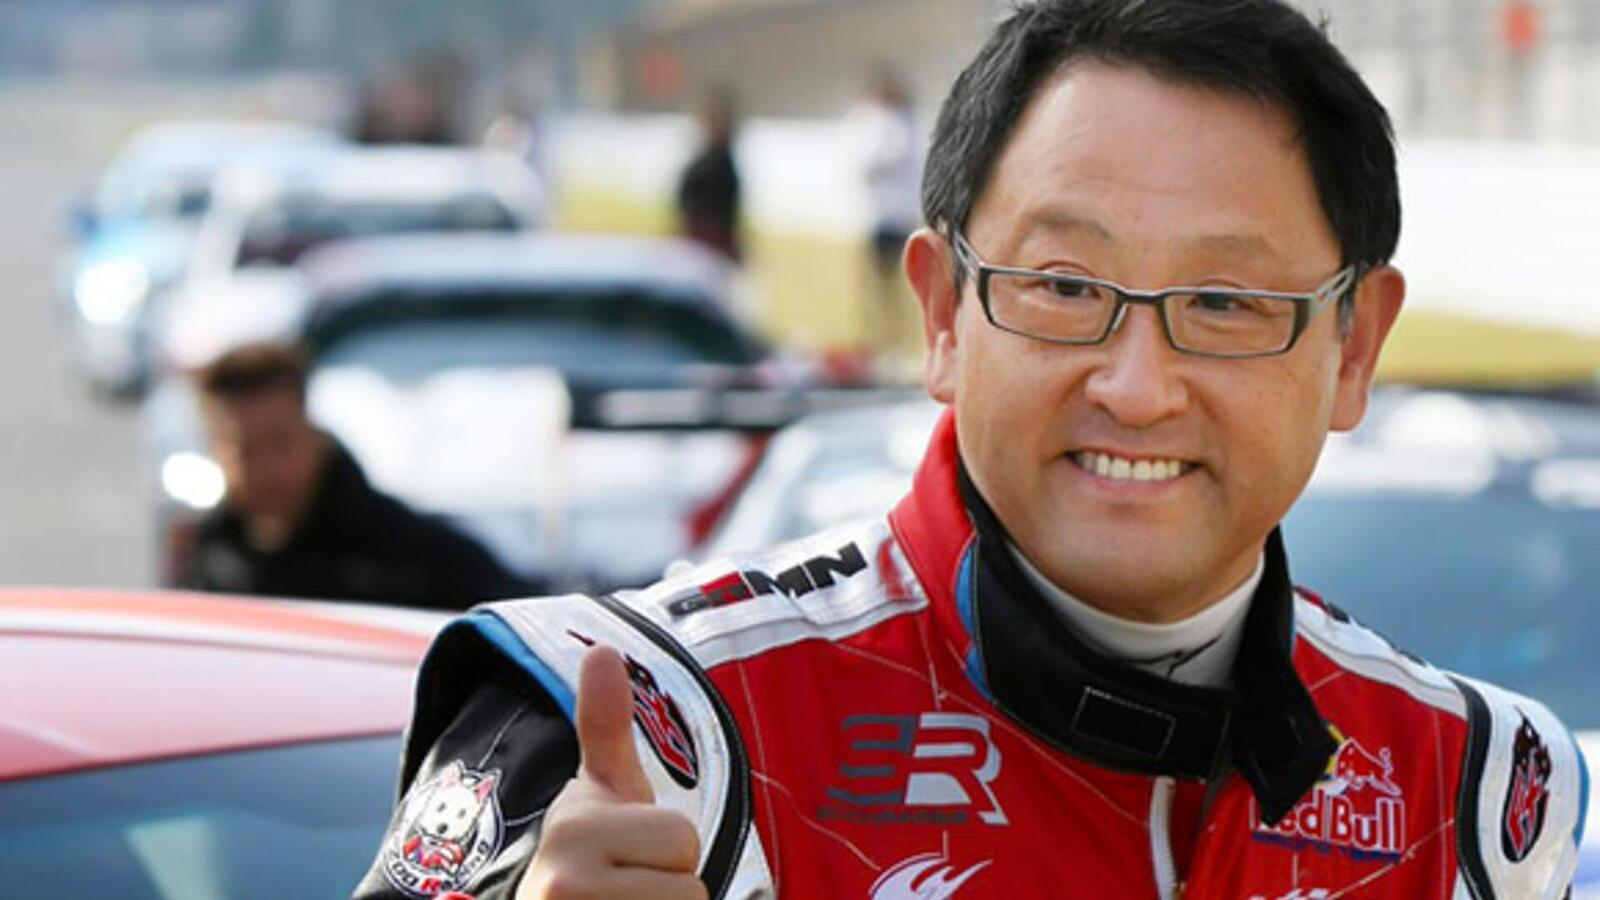 Ngoài đổi mới thiết kế trẻ trung Toyota sẽ phát triển nhiều xe thể thao hơn trong tương lai - Hình 3